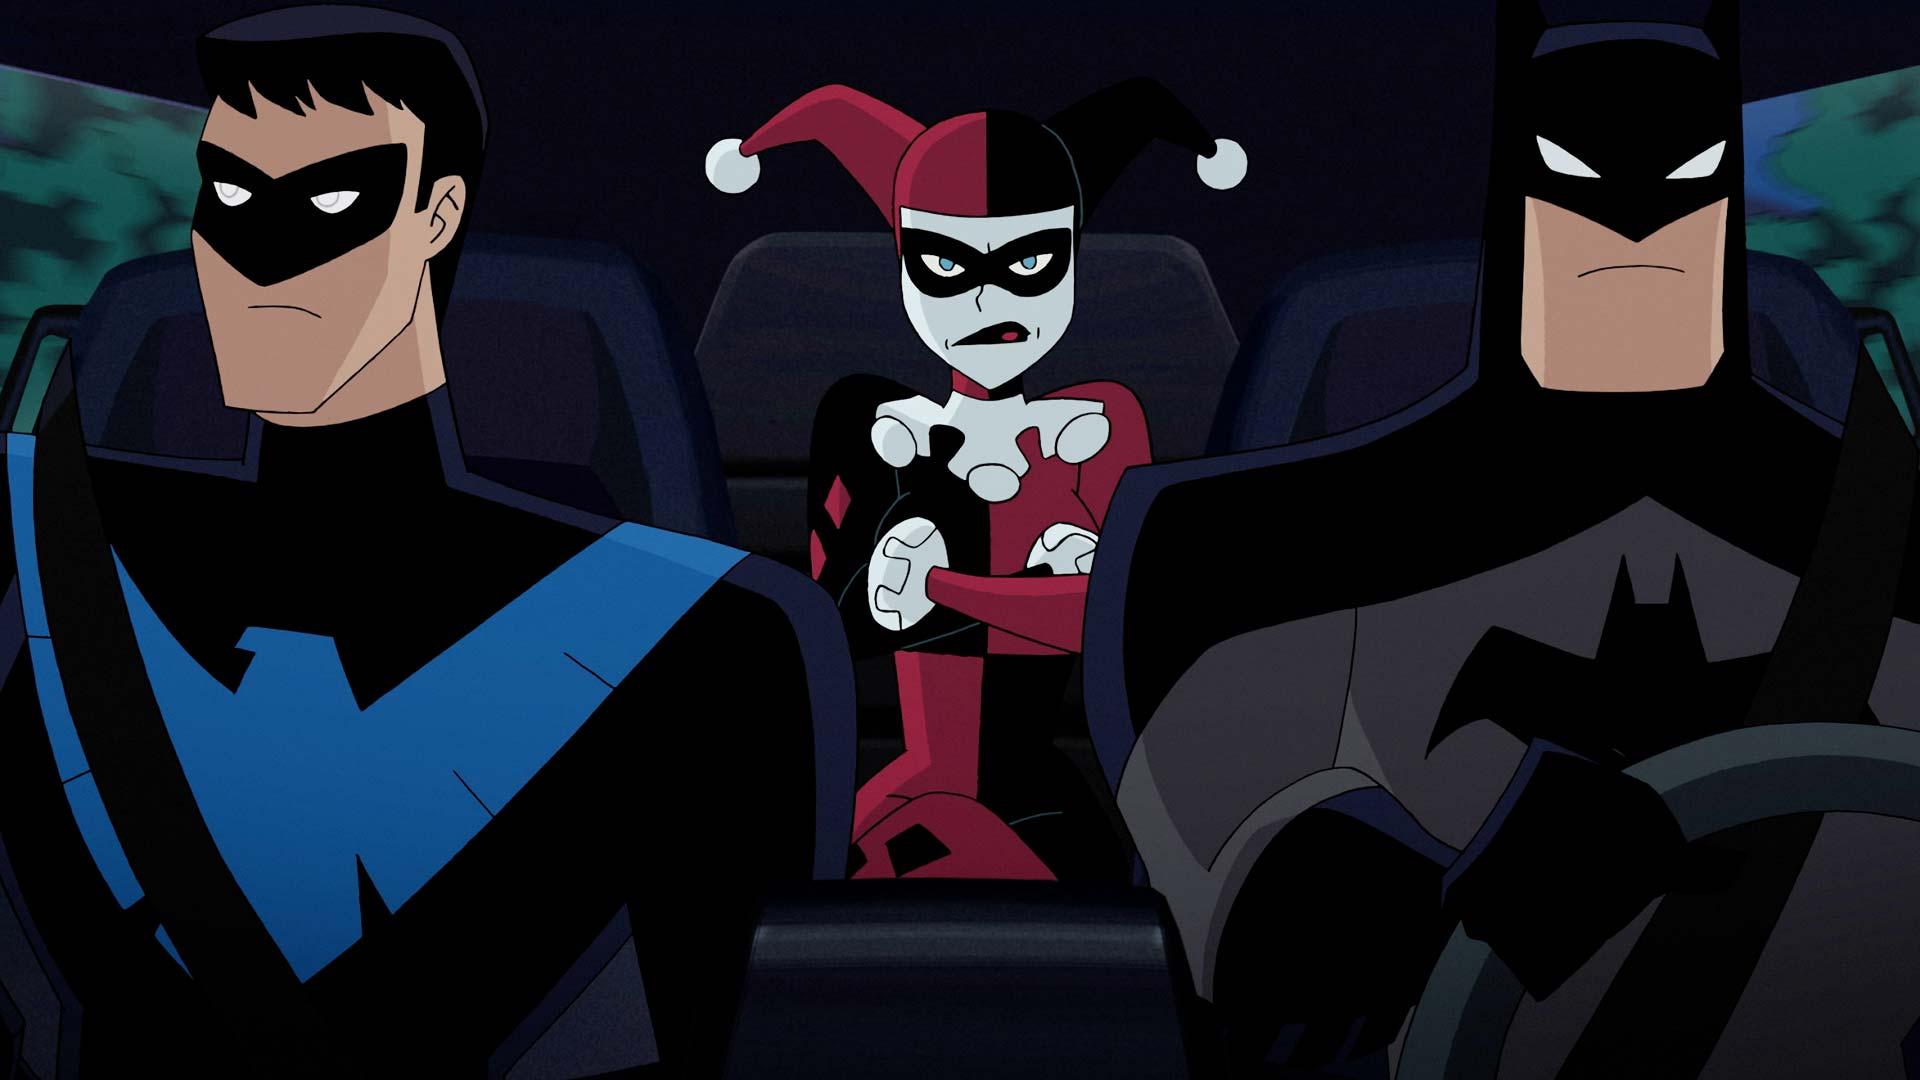 Animowane filmy DC w HBO GO. Pierwsze tytuły już w listopadzie